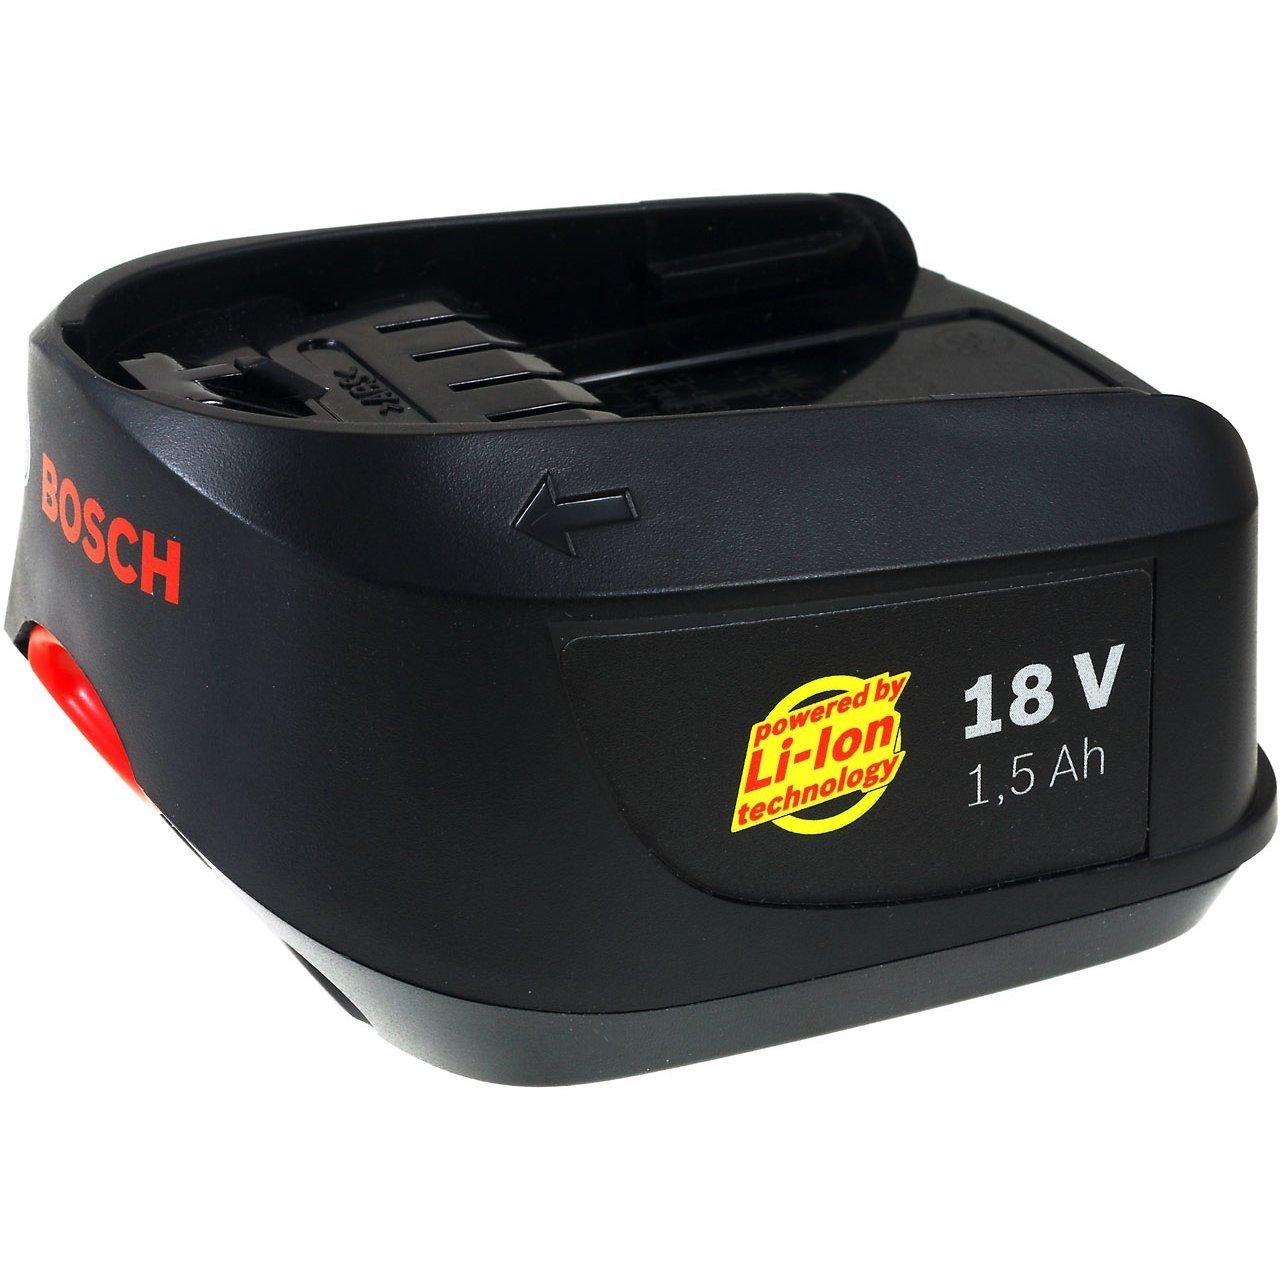 Bosch Batteria per elettroutensile Modello 2 607 335 040 Originale